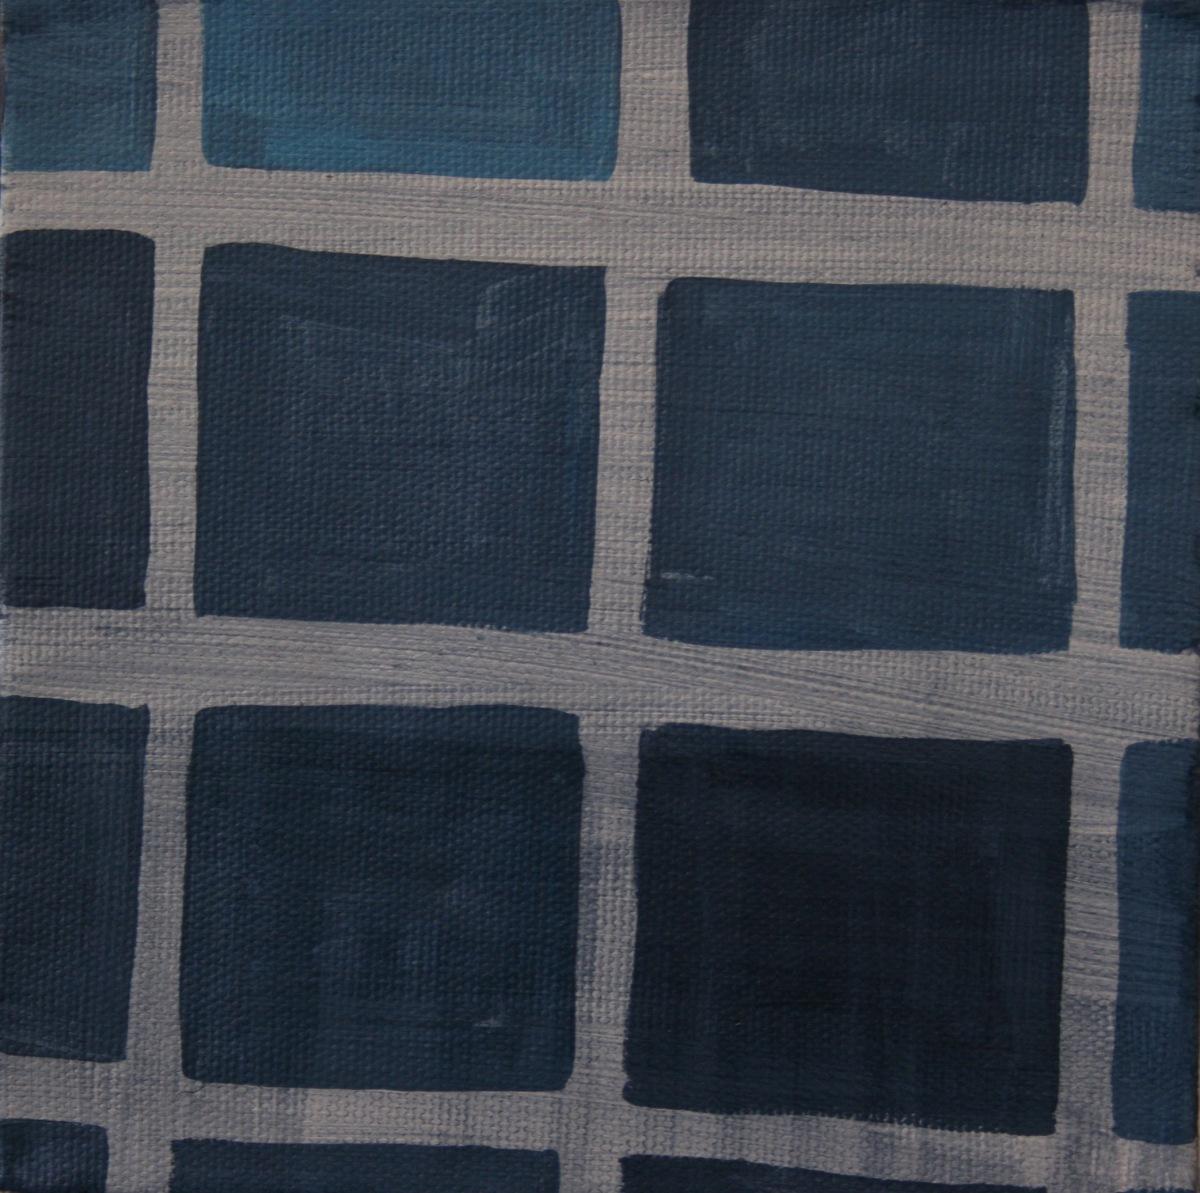 """Bathroom Tiles. 2008. Oil on Canvas. 6"""" x 6"""""""